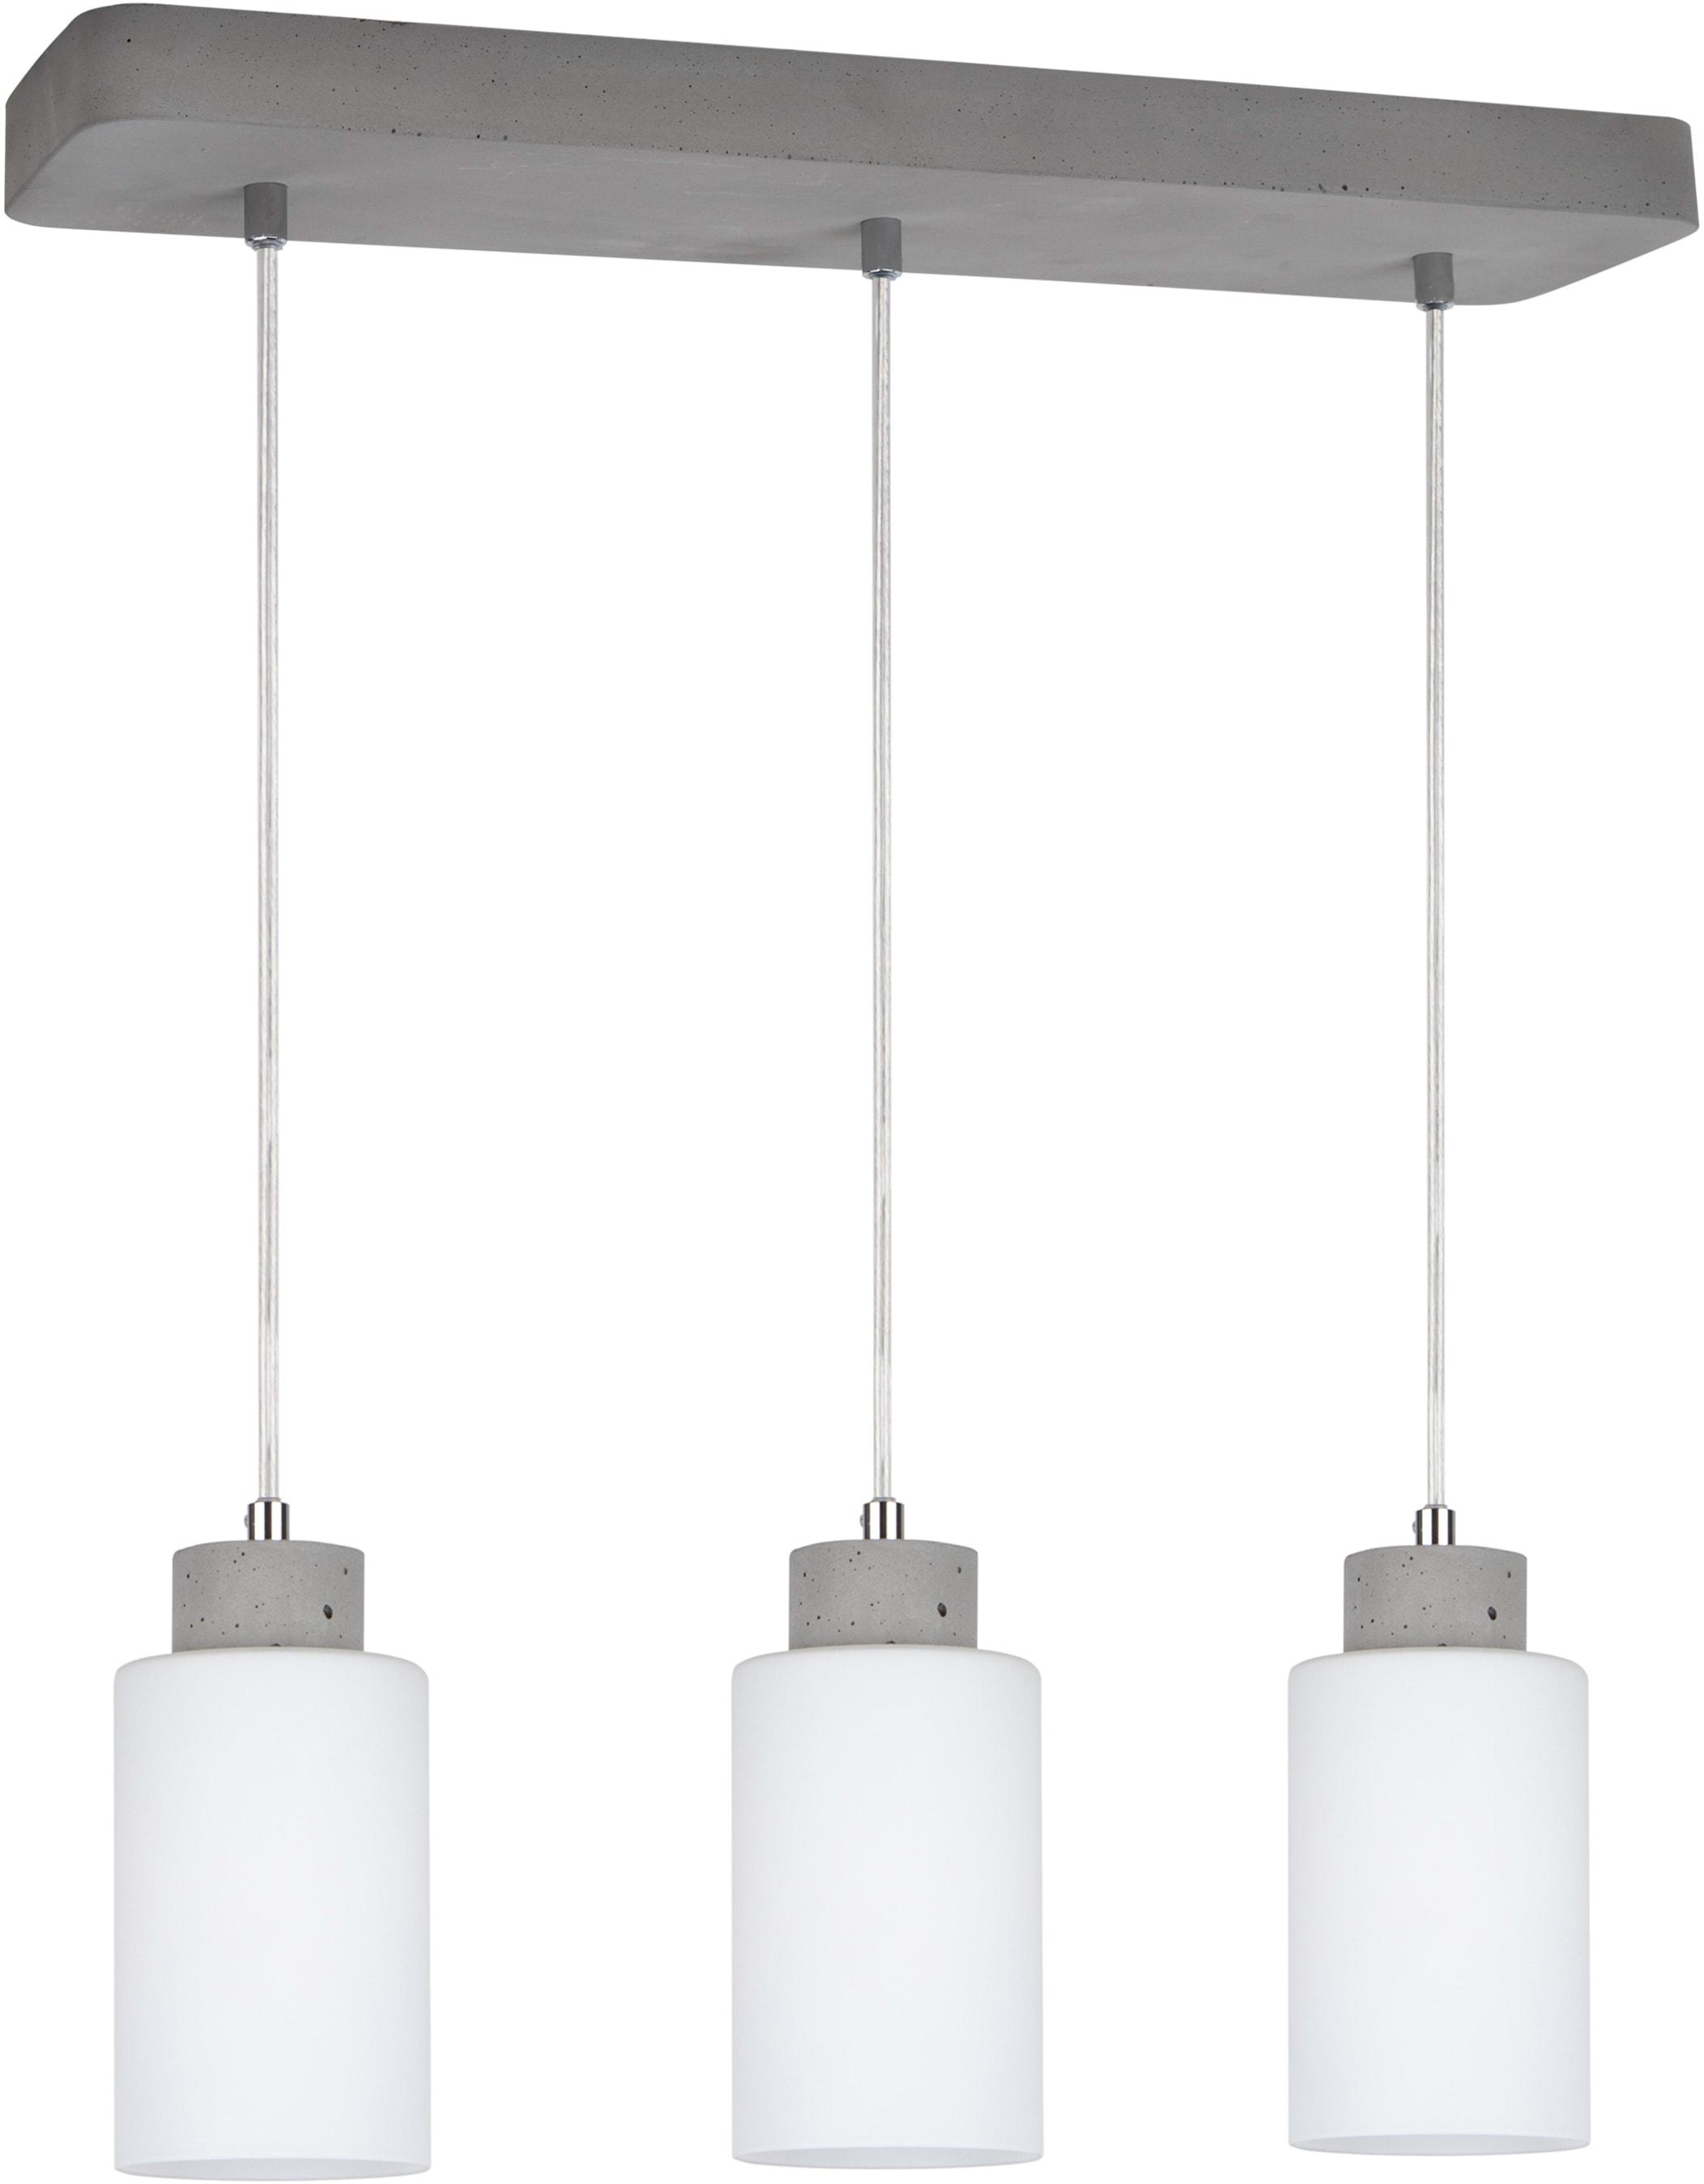 SPOT Light Pendelleuchte KARLA, E27, 1 St., Hängeleuchte, Lampenschirm aus hochwertigen Glas, Betonelemente handgefertigt, Naturprodukt - nachhaltig, Made in Europe